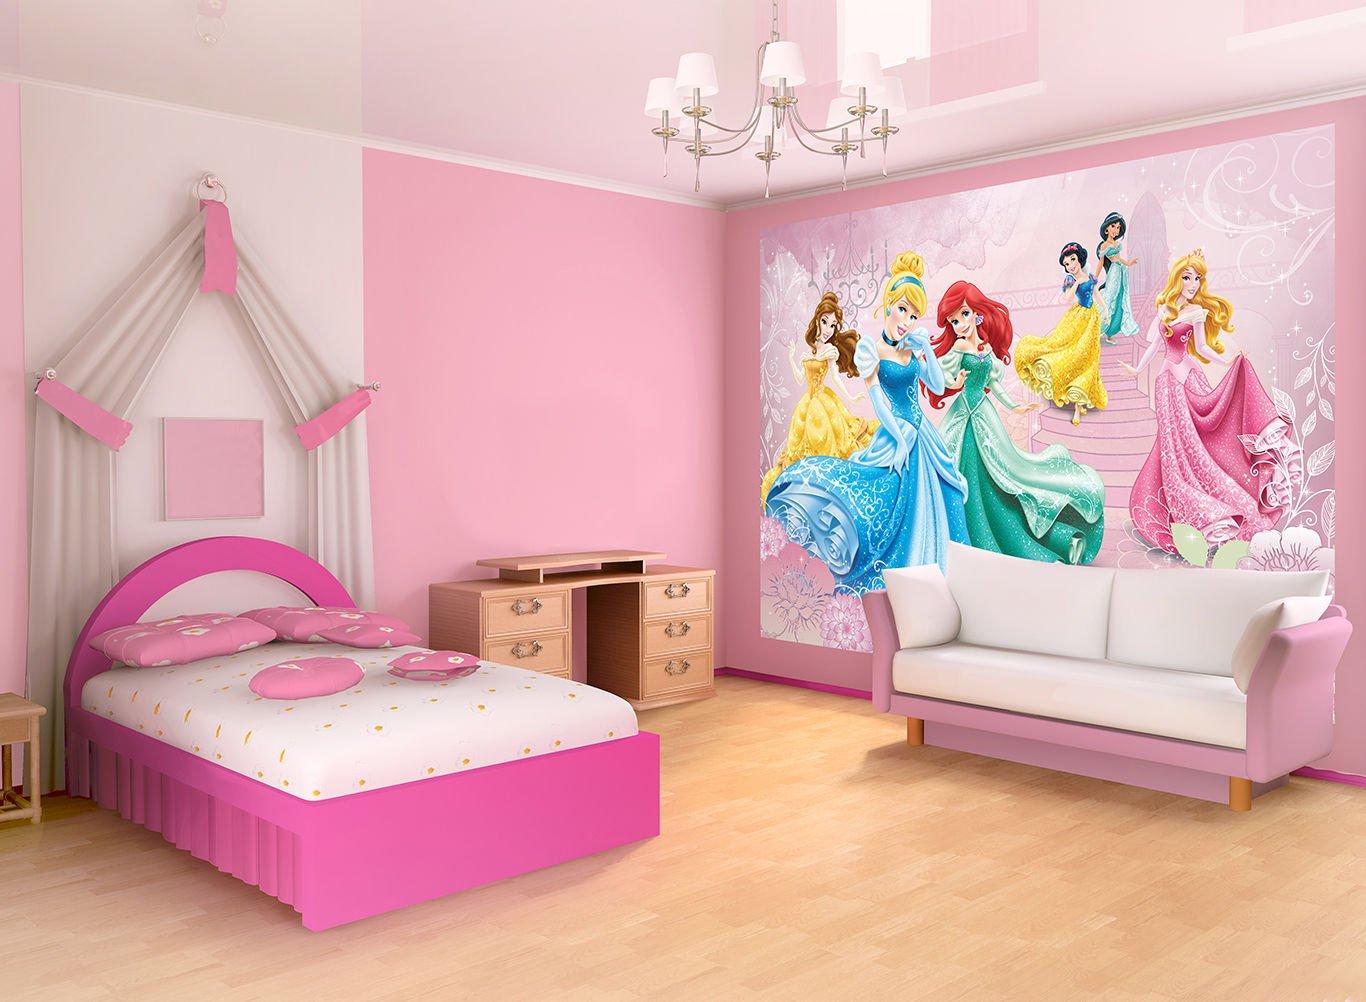 Cameretta Disney Principesse : Carta da parati fotografica principesse disney cameretta per